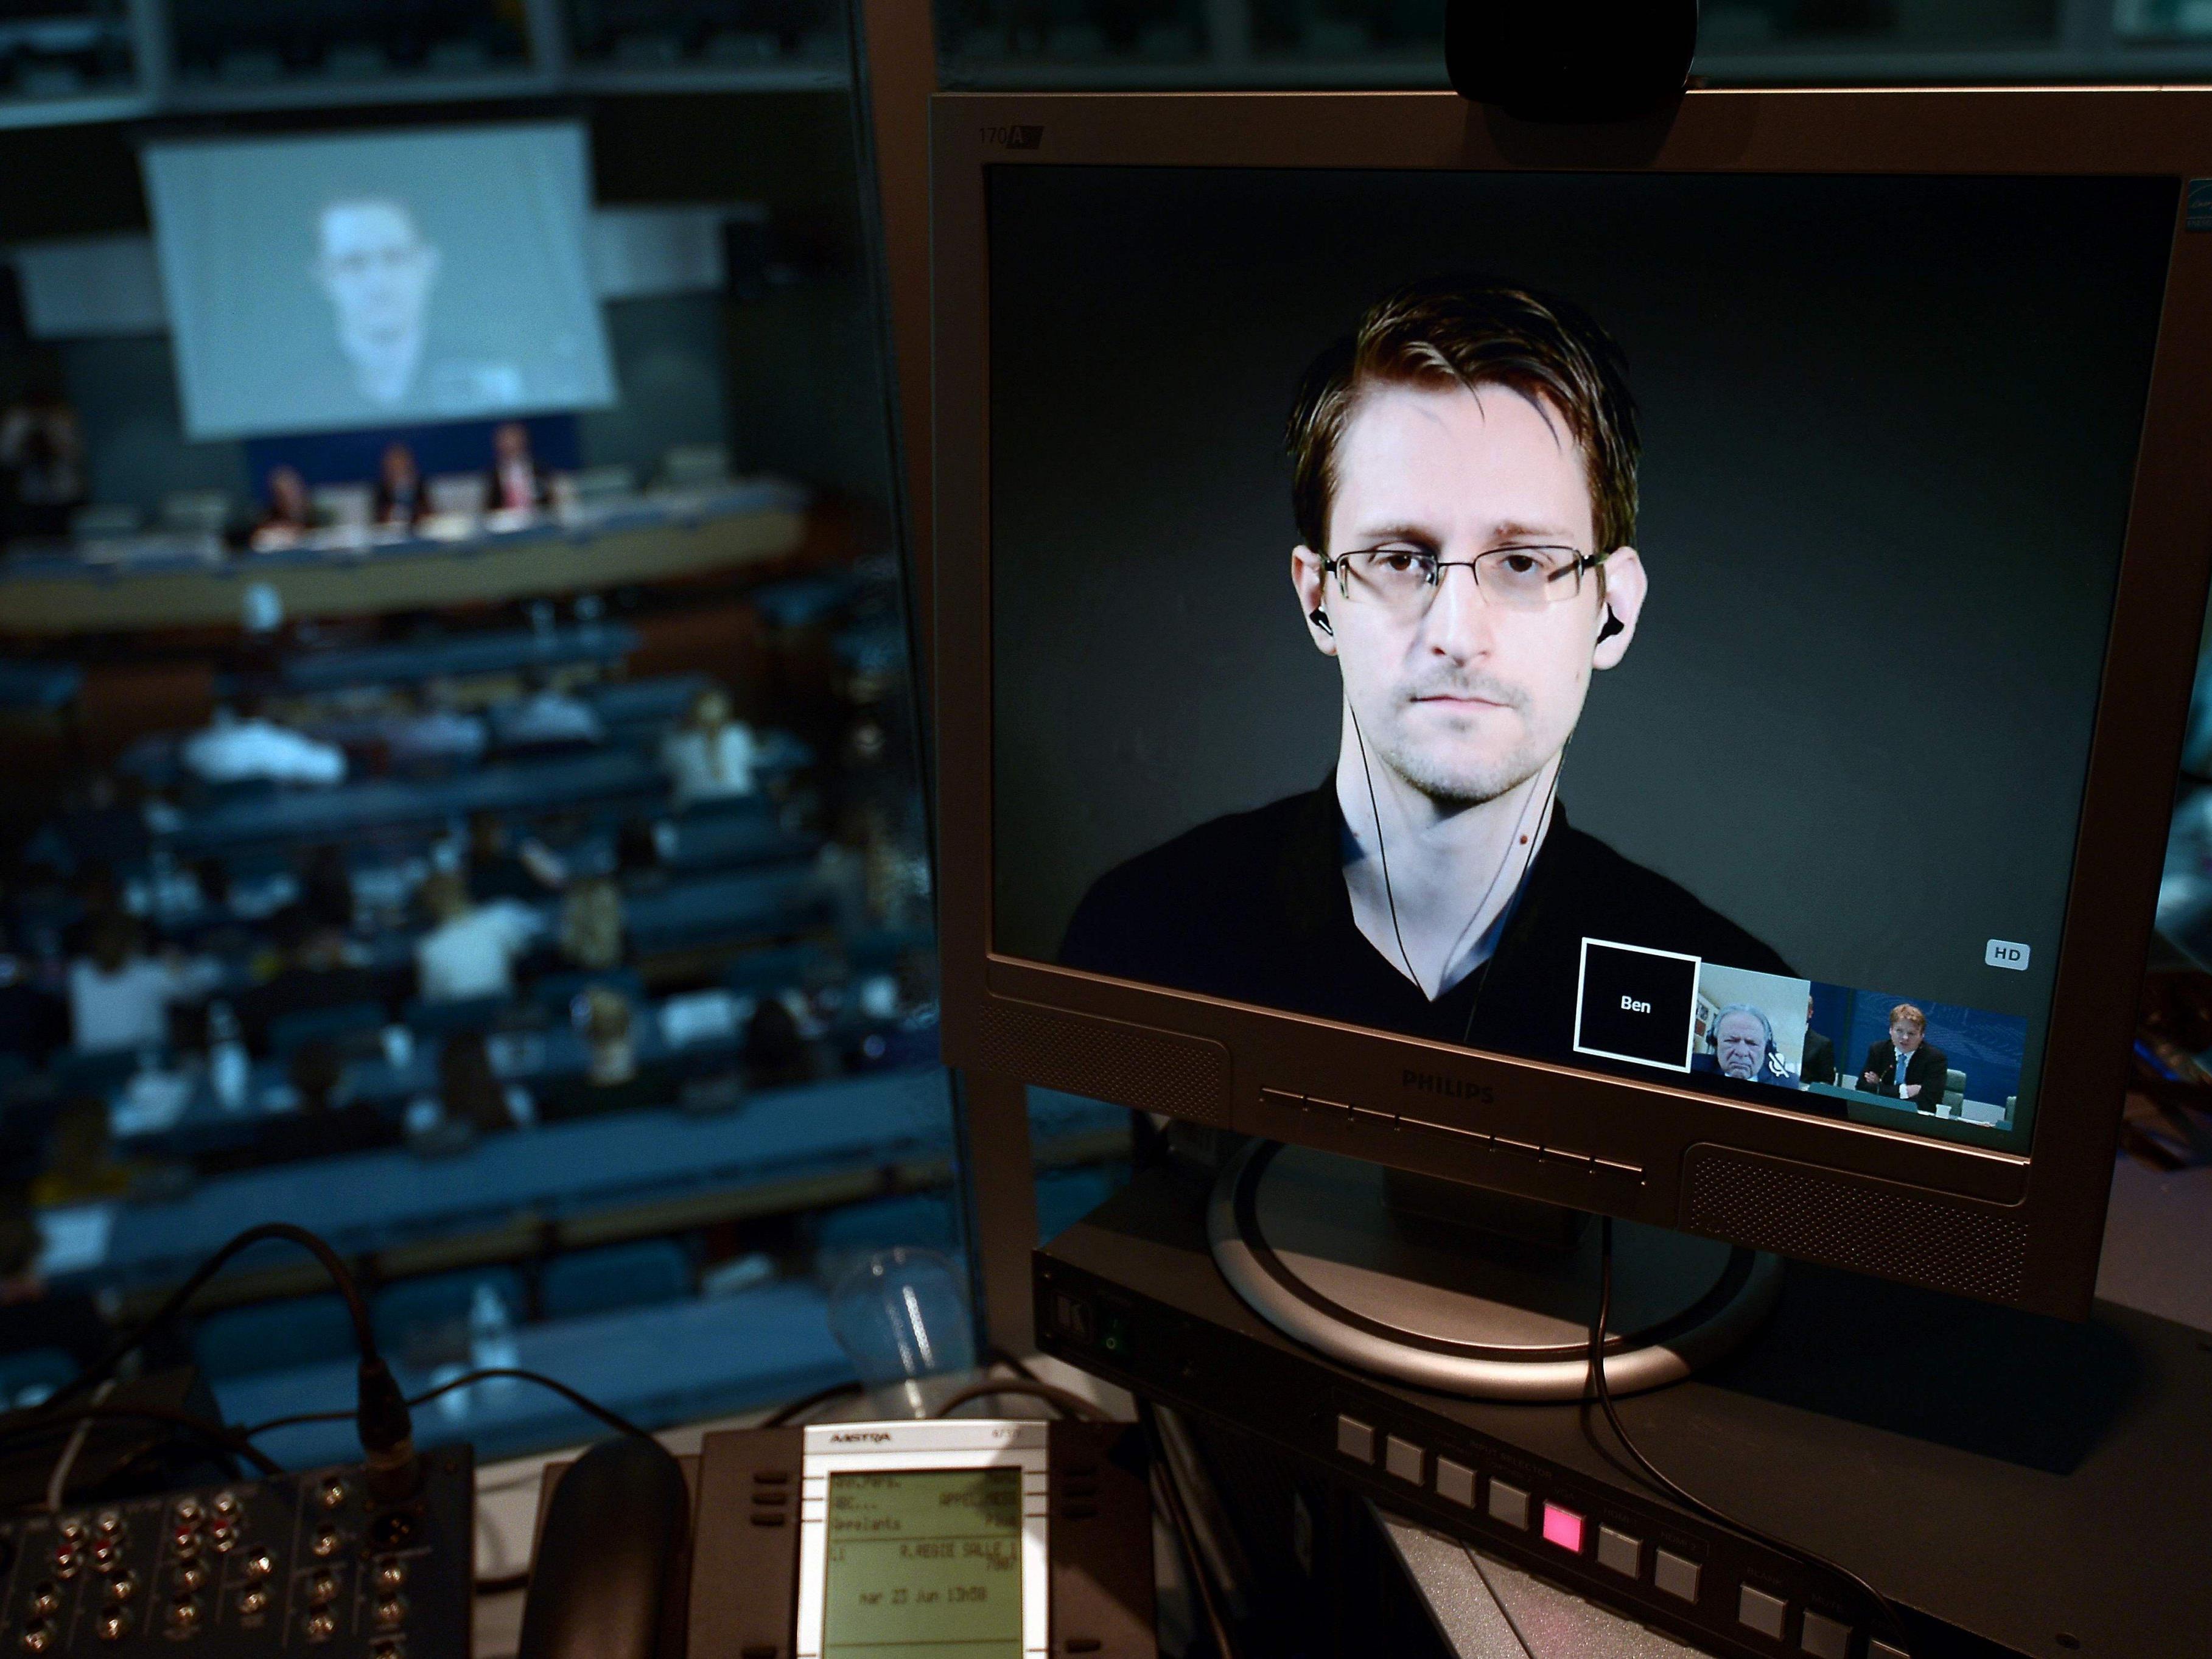 Edward Snowden ist ehemaliger CIA-Mitarbeiter und amerikanischer Whistleblower.